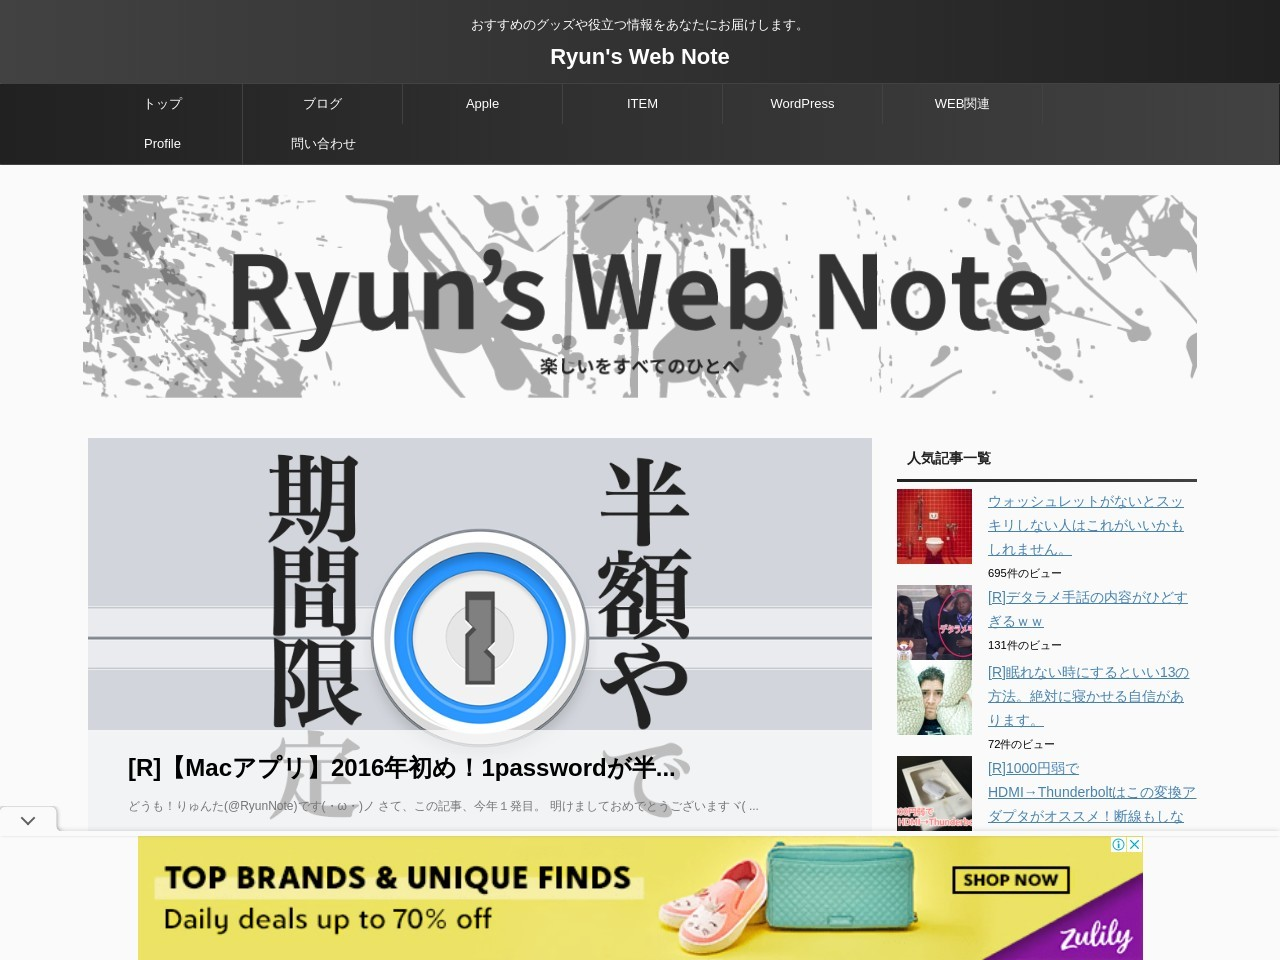 http://ryun-webnote.com/2013/12/02/scary-movie/